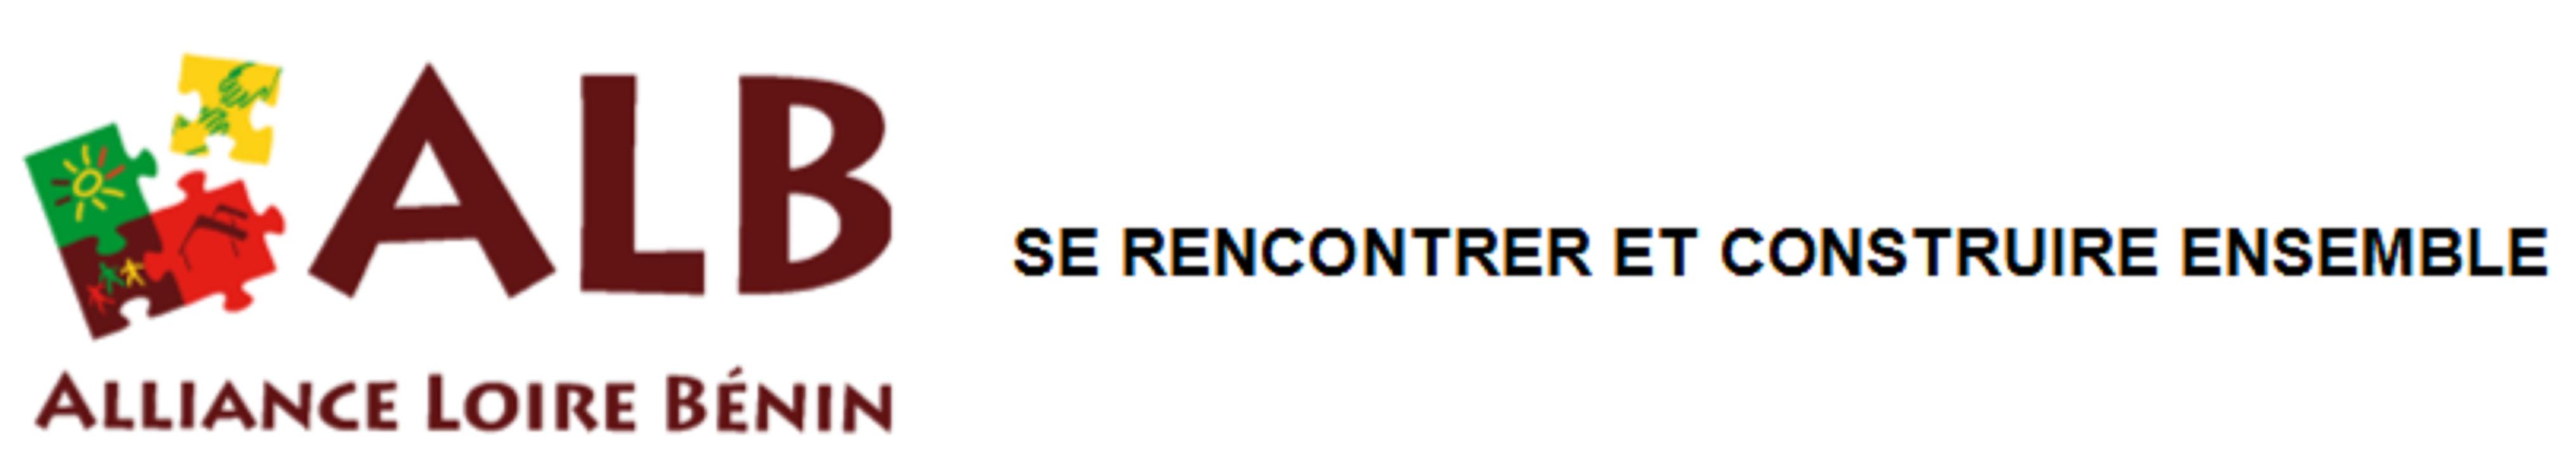 SE RENCONTRER ET CONSTRUIRE ENSEMBLE